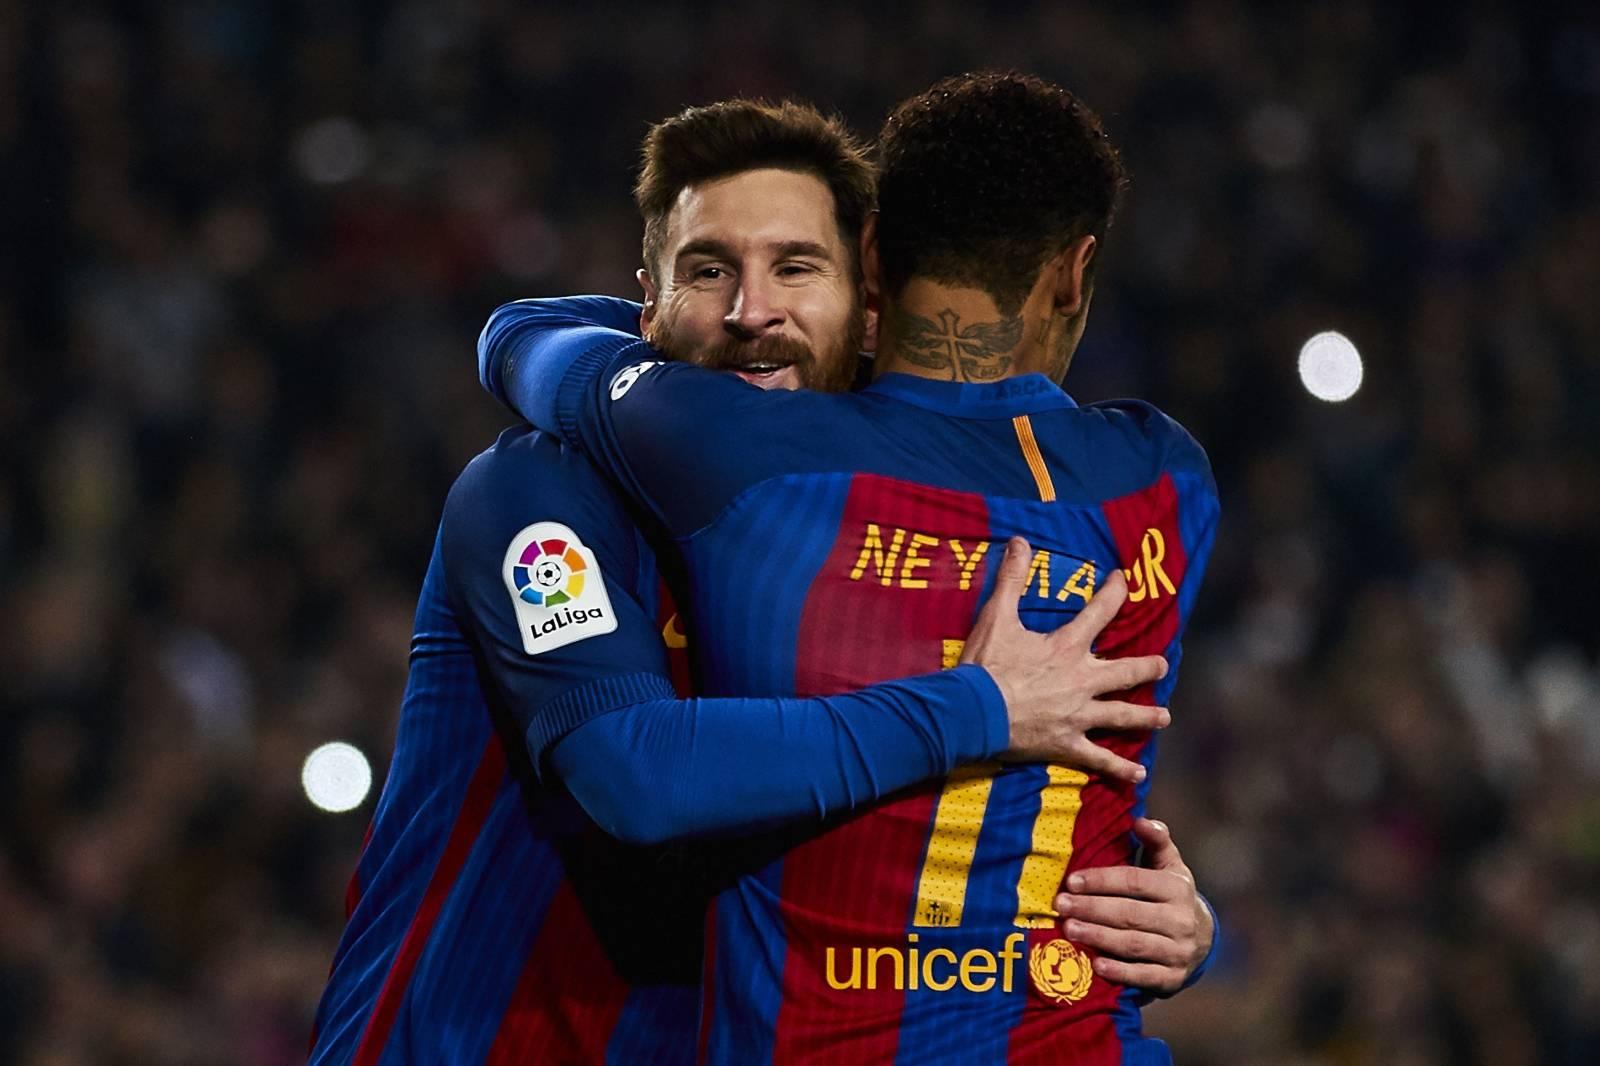 Copa del Rey 2016/2017 - FC Barcelona vs Real Sociedad